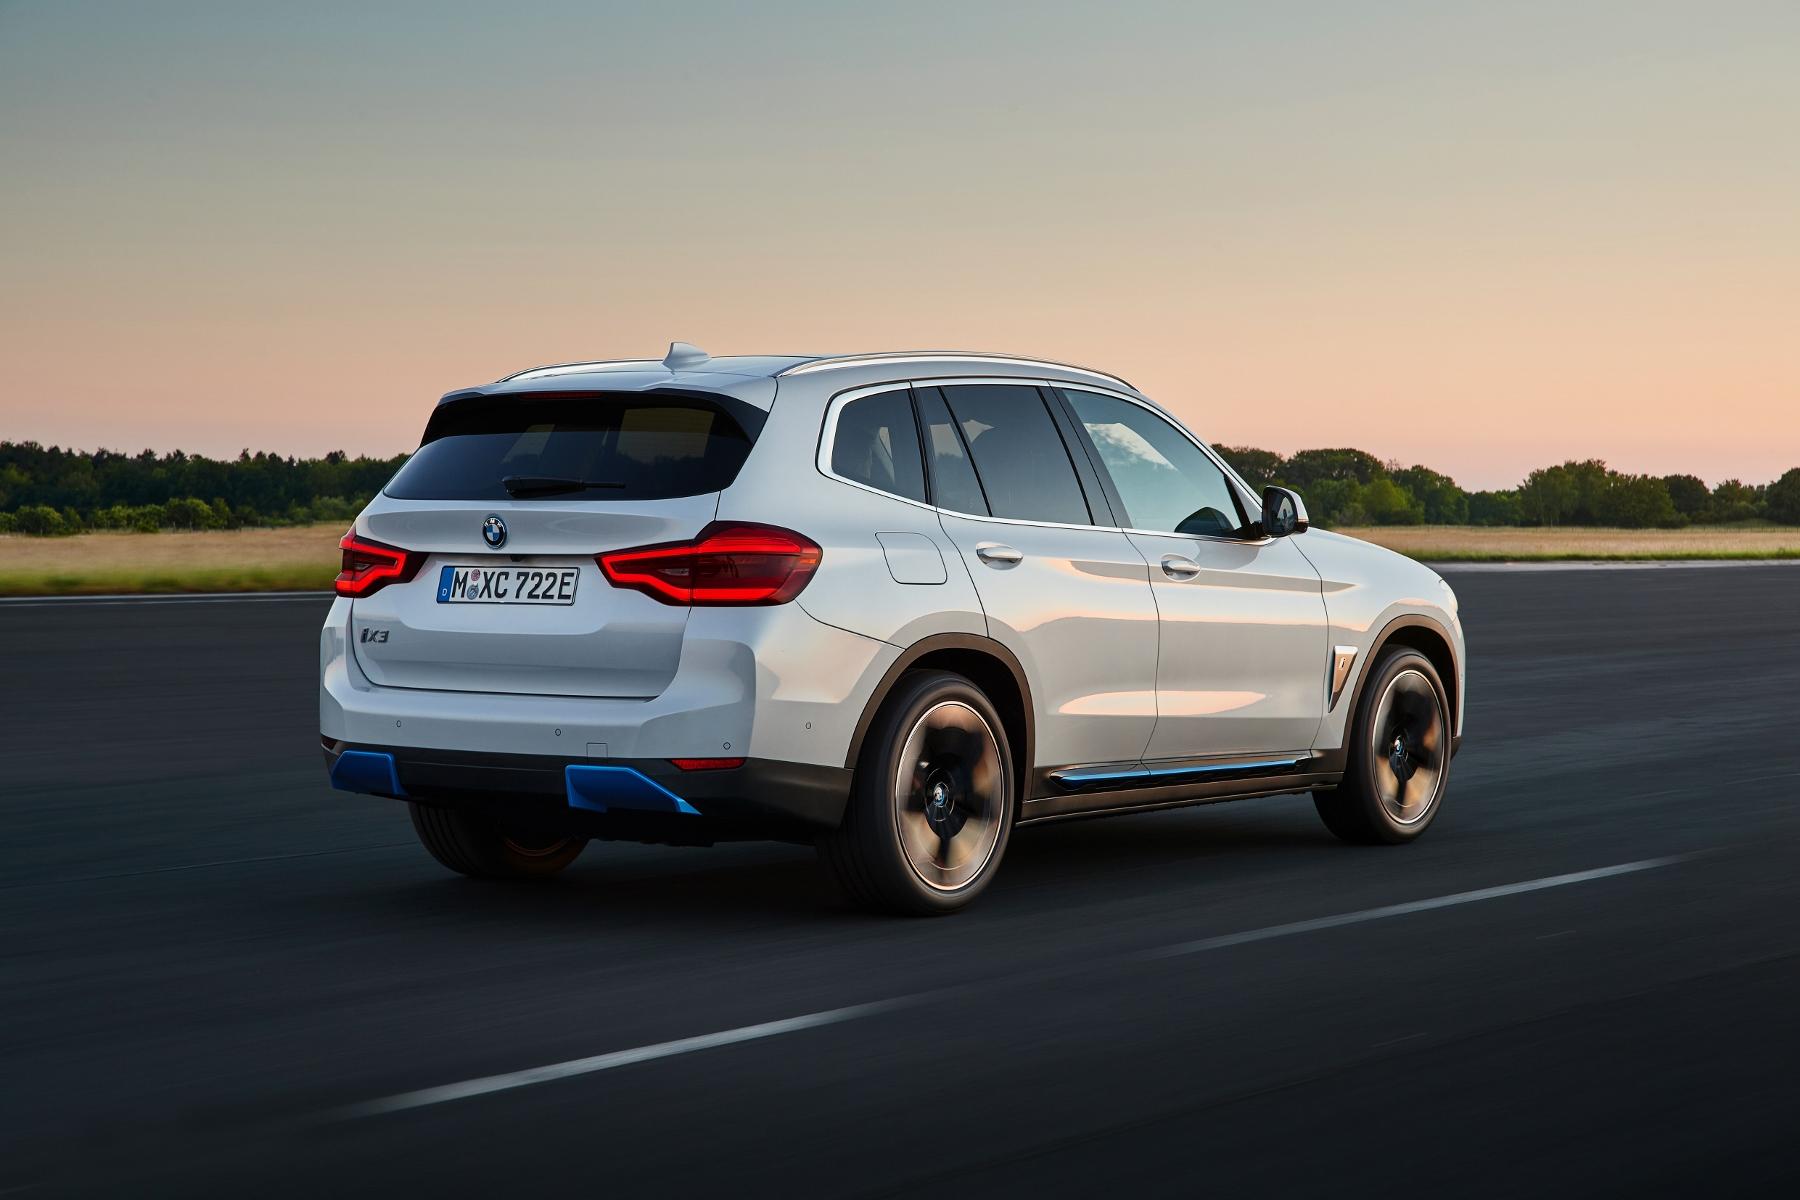 BMW ukázalo elektrické SUV iX3 s dojazdom 459 km sFfefEYeDf bmw-ix3-4